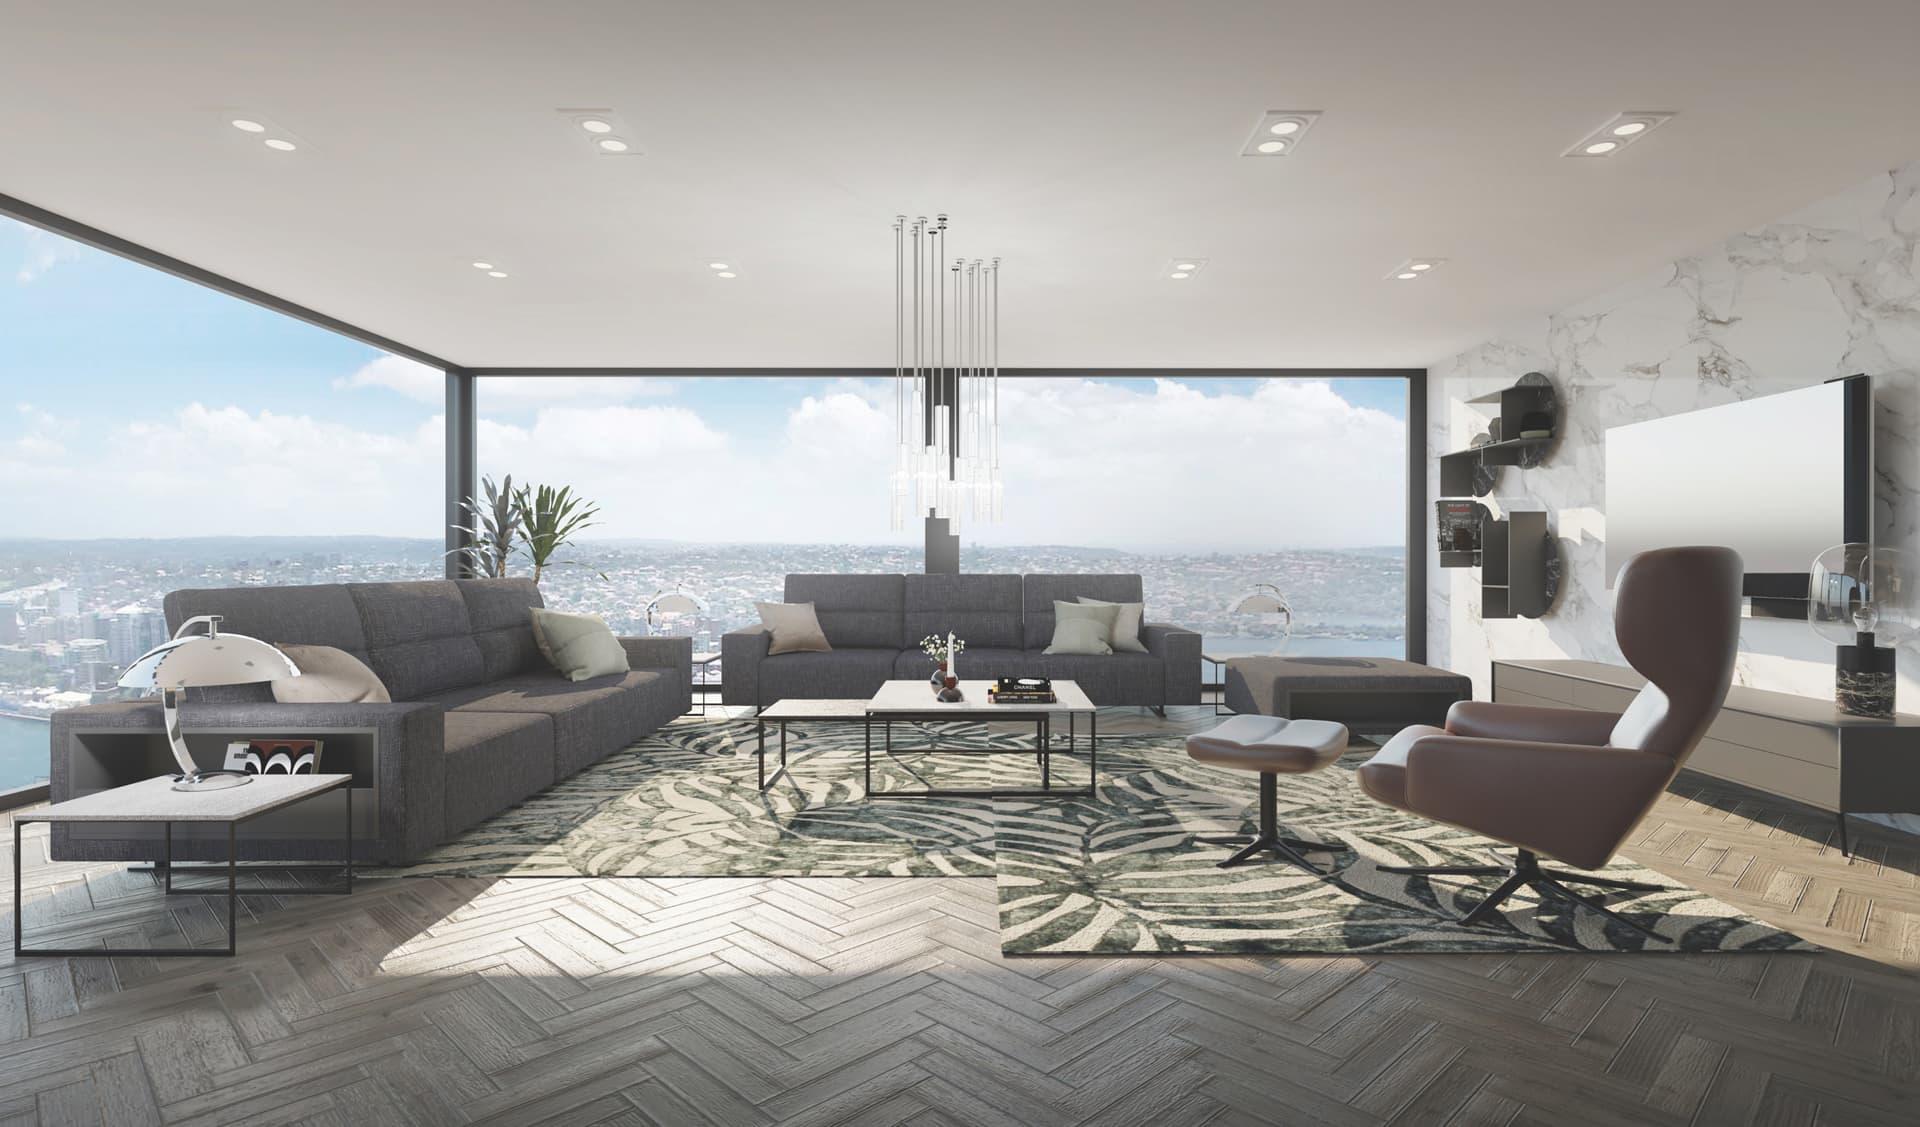 3/12 Living Room, Loft, Design Package